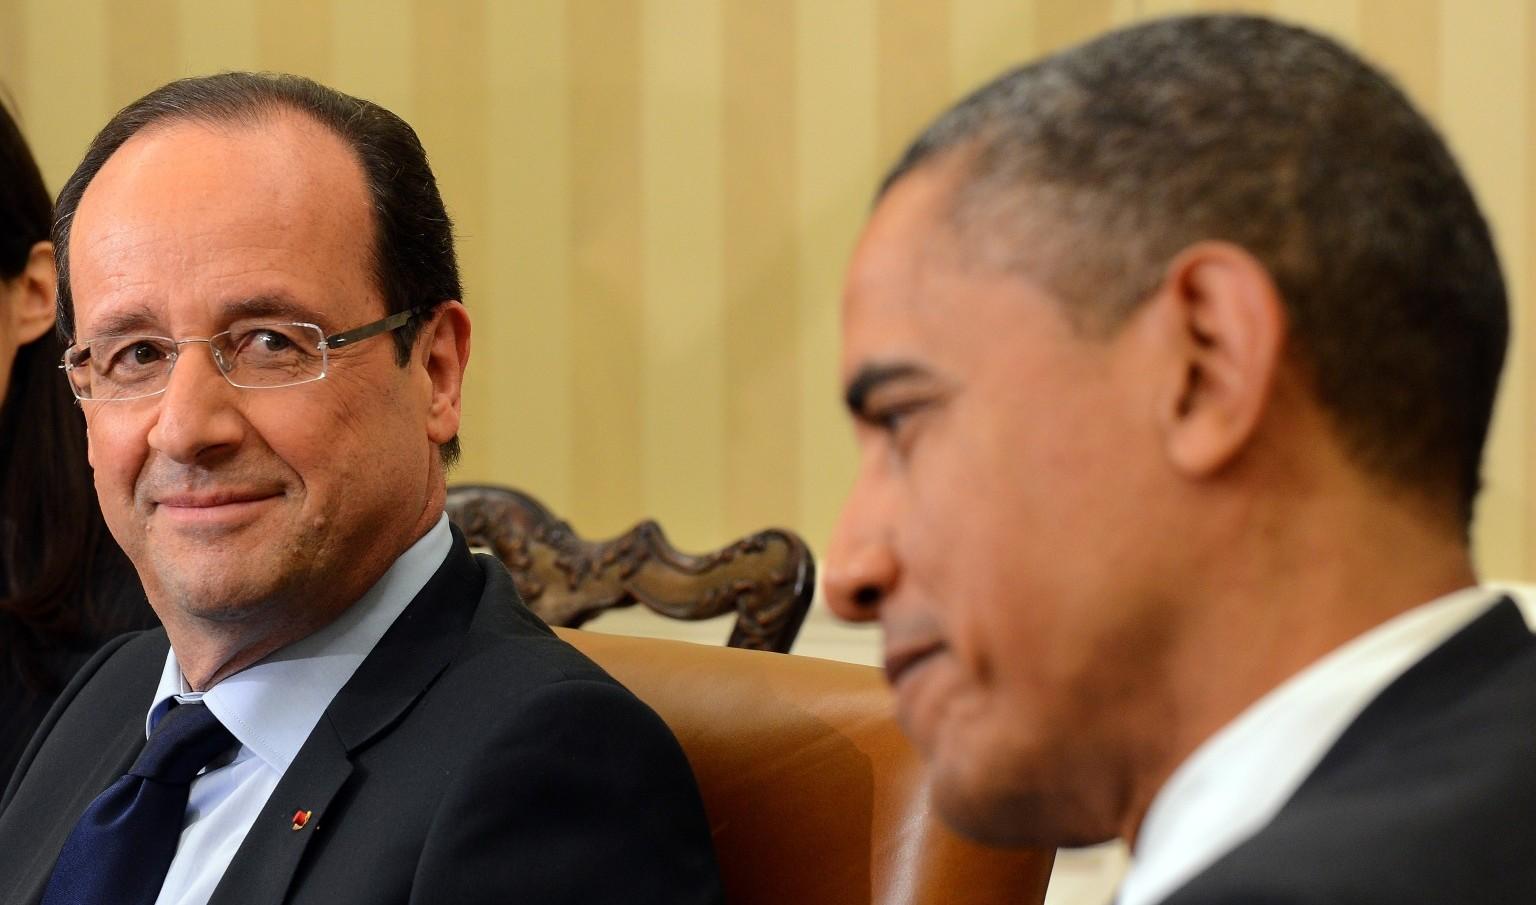 Hollande et la Syrie, ou les velléités guerrières du dernier «néo-conservateur» européen